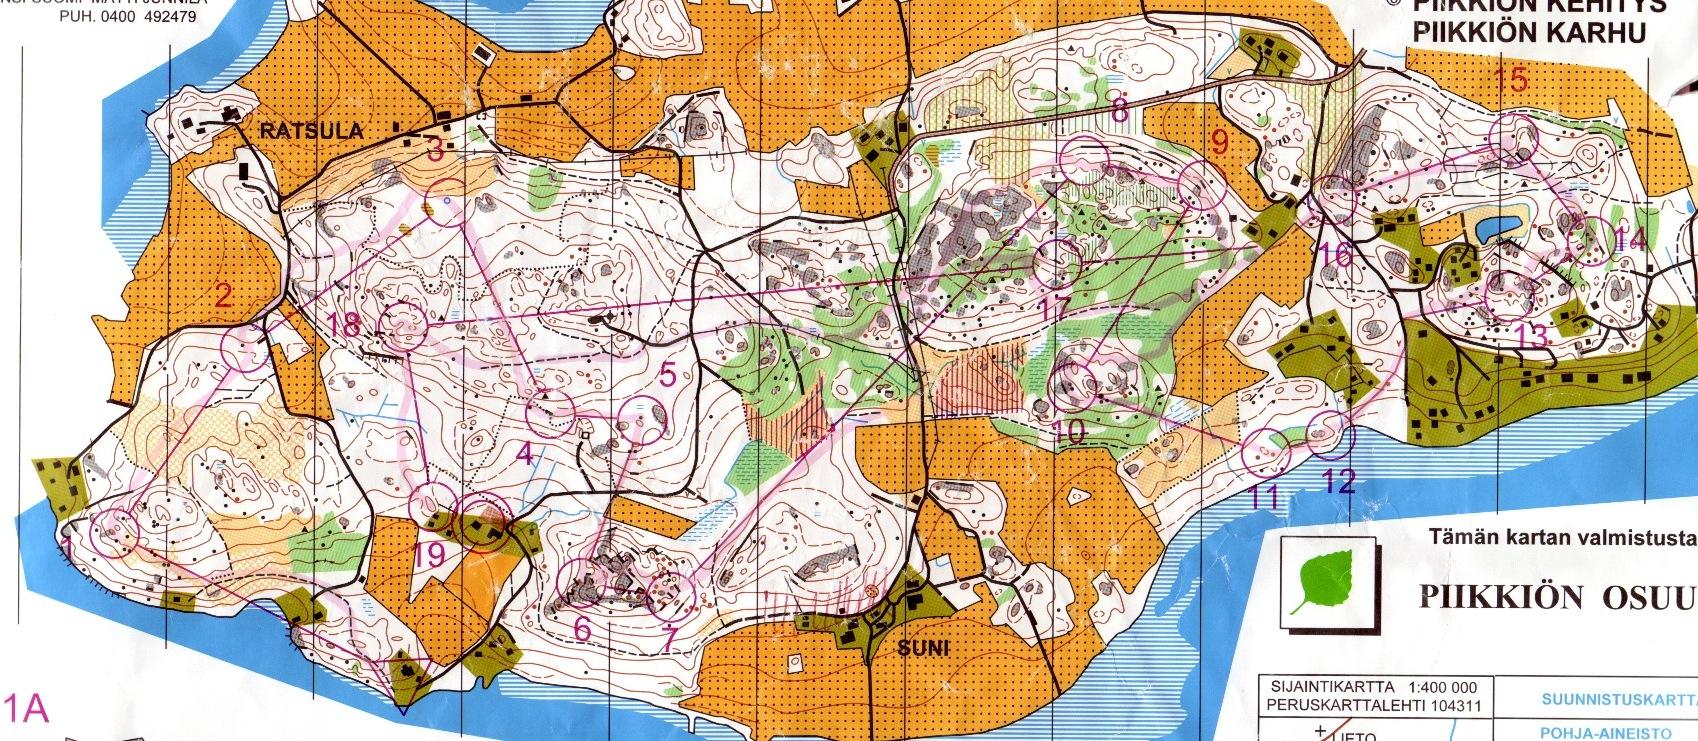 Toden Kartat Piikkion Karhun Ja Kehityksen Kansalliset 2001 05 12